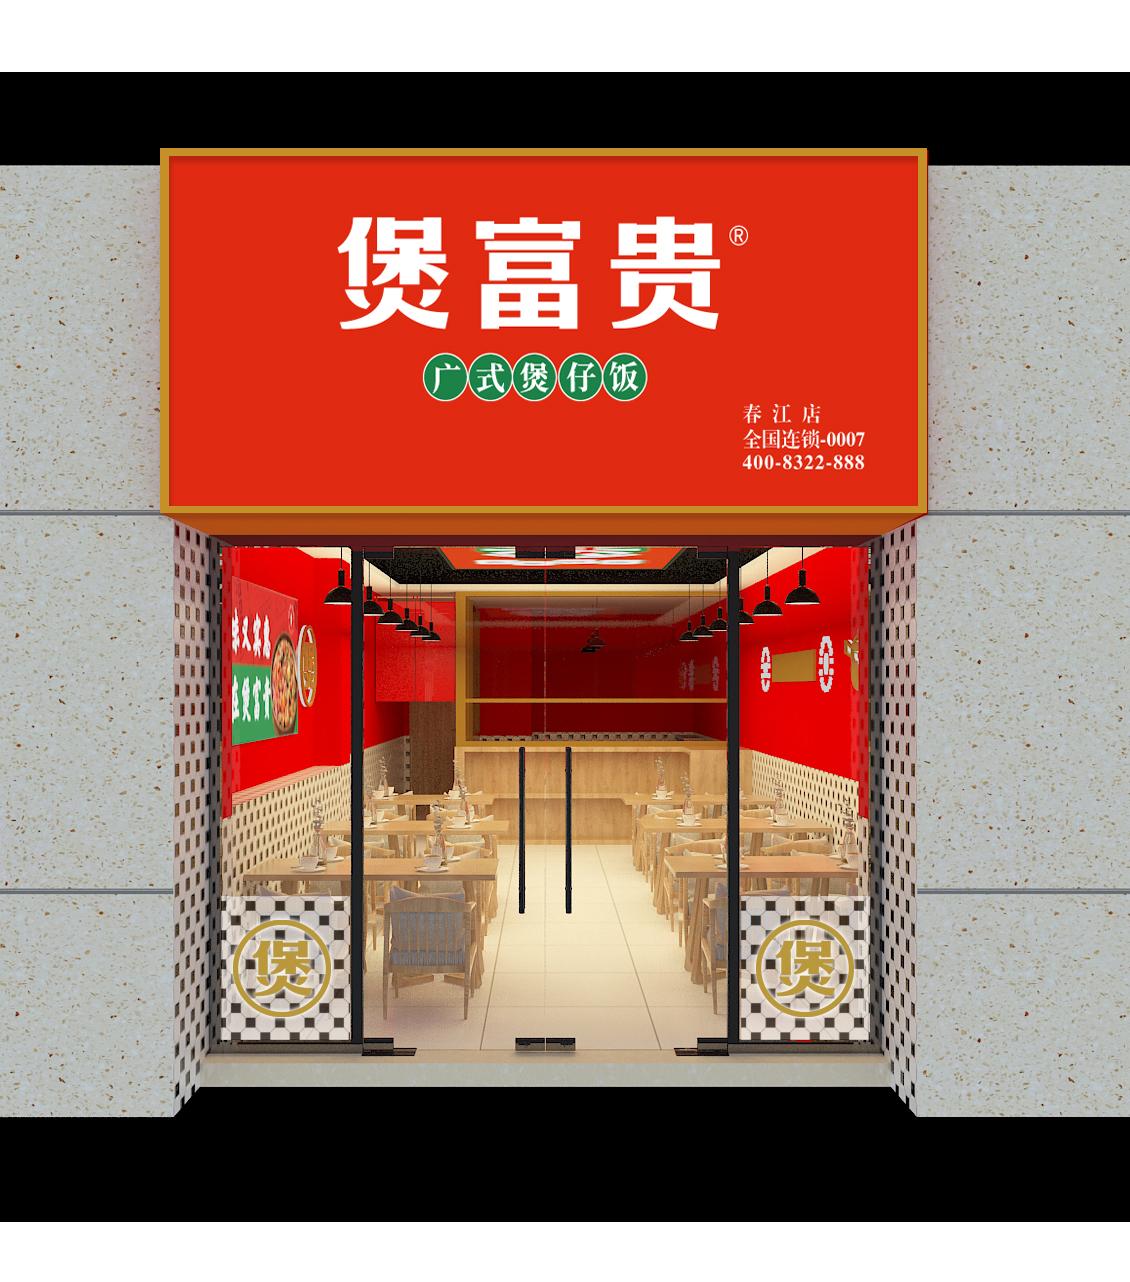 厦门煲富贵春江郦城店设计项目